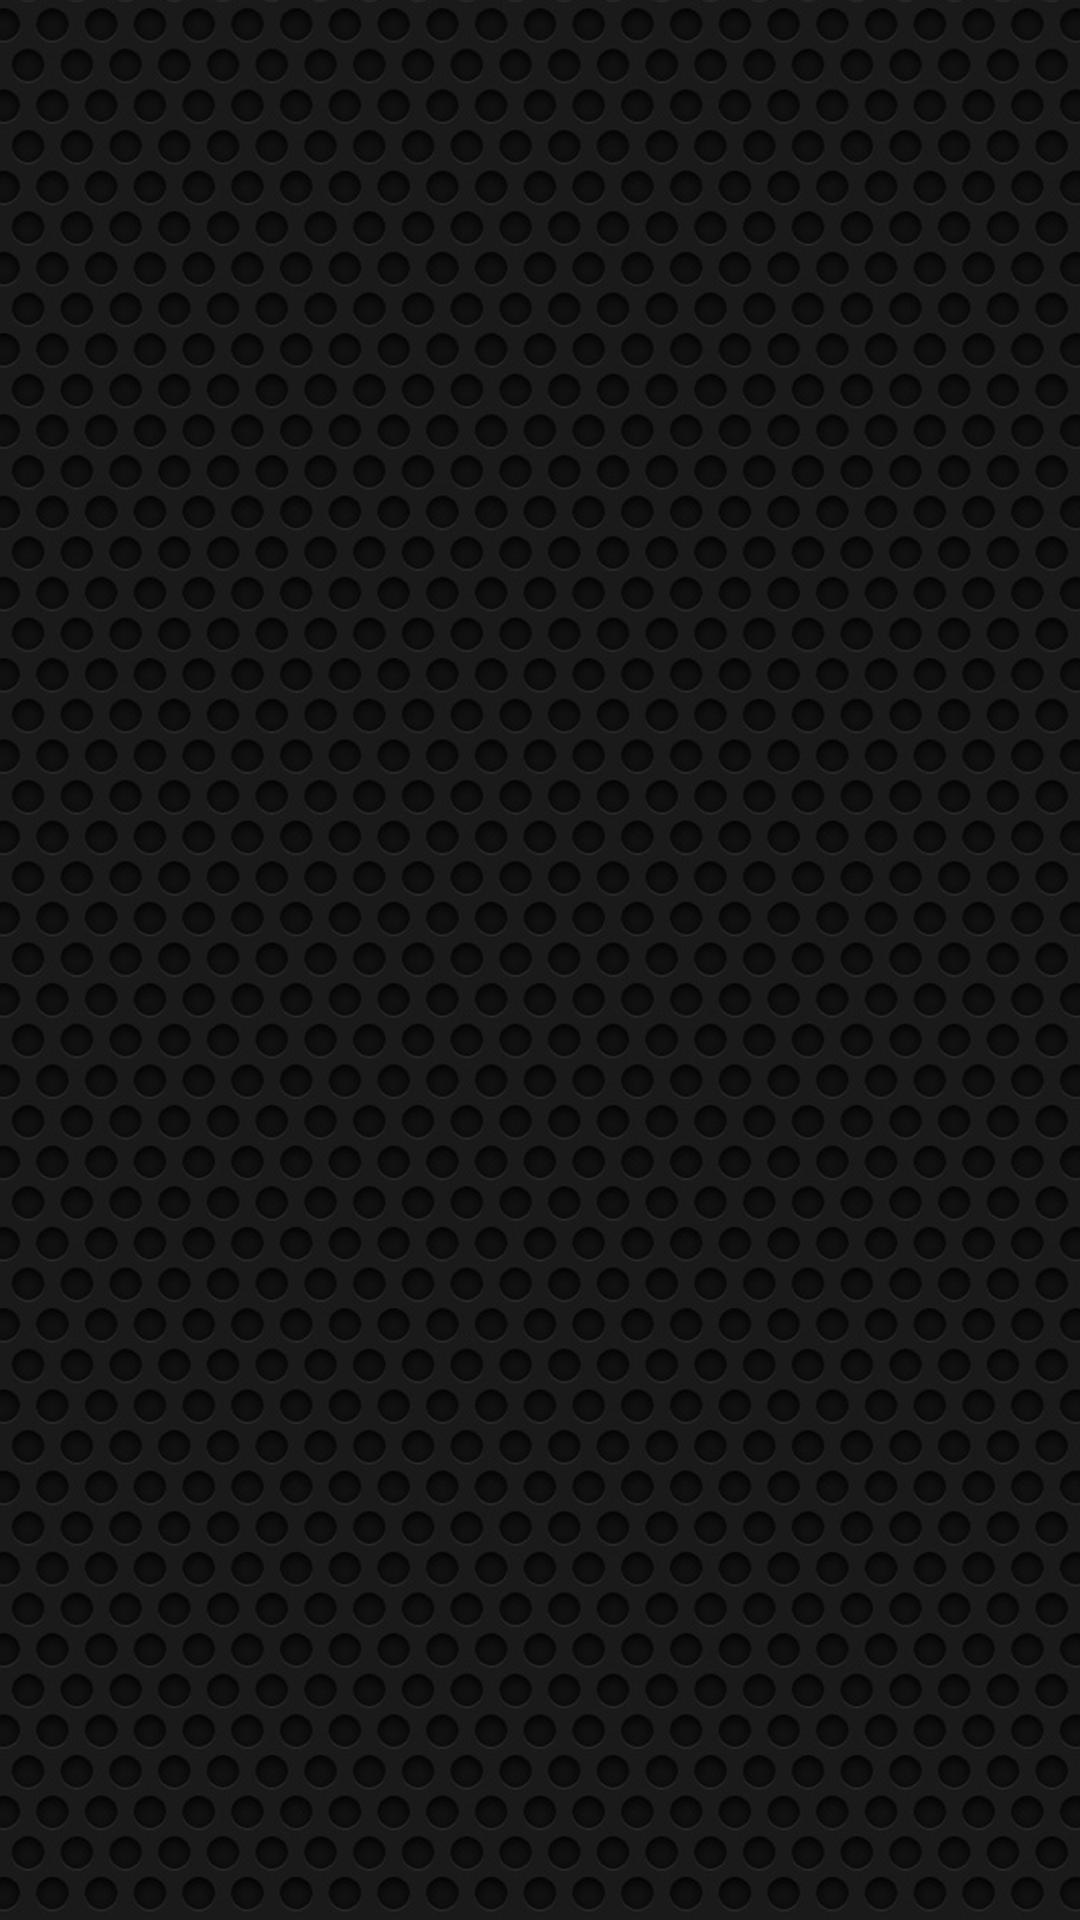 Hình nền tổ ong tối cho điện thoại